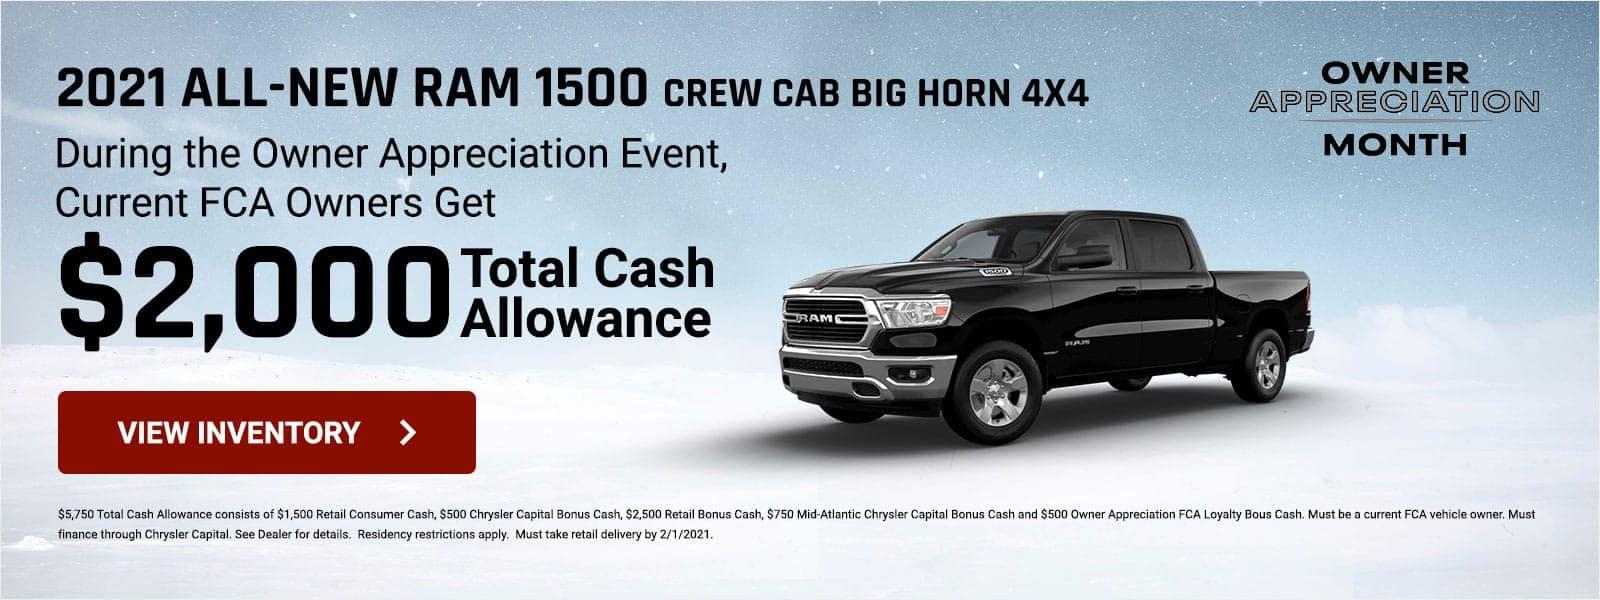 Ram-1500-Crew-Cab-Big-Horn-4x4 RETAIL